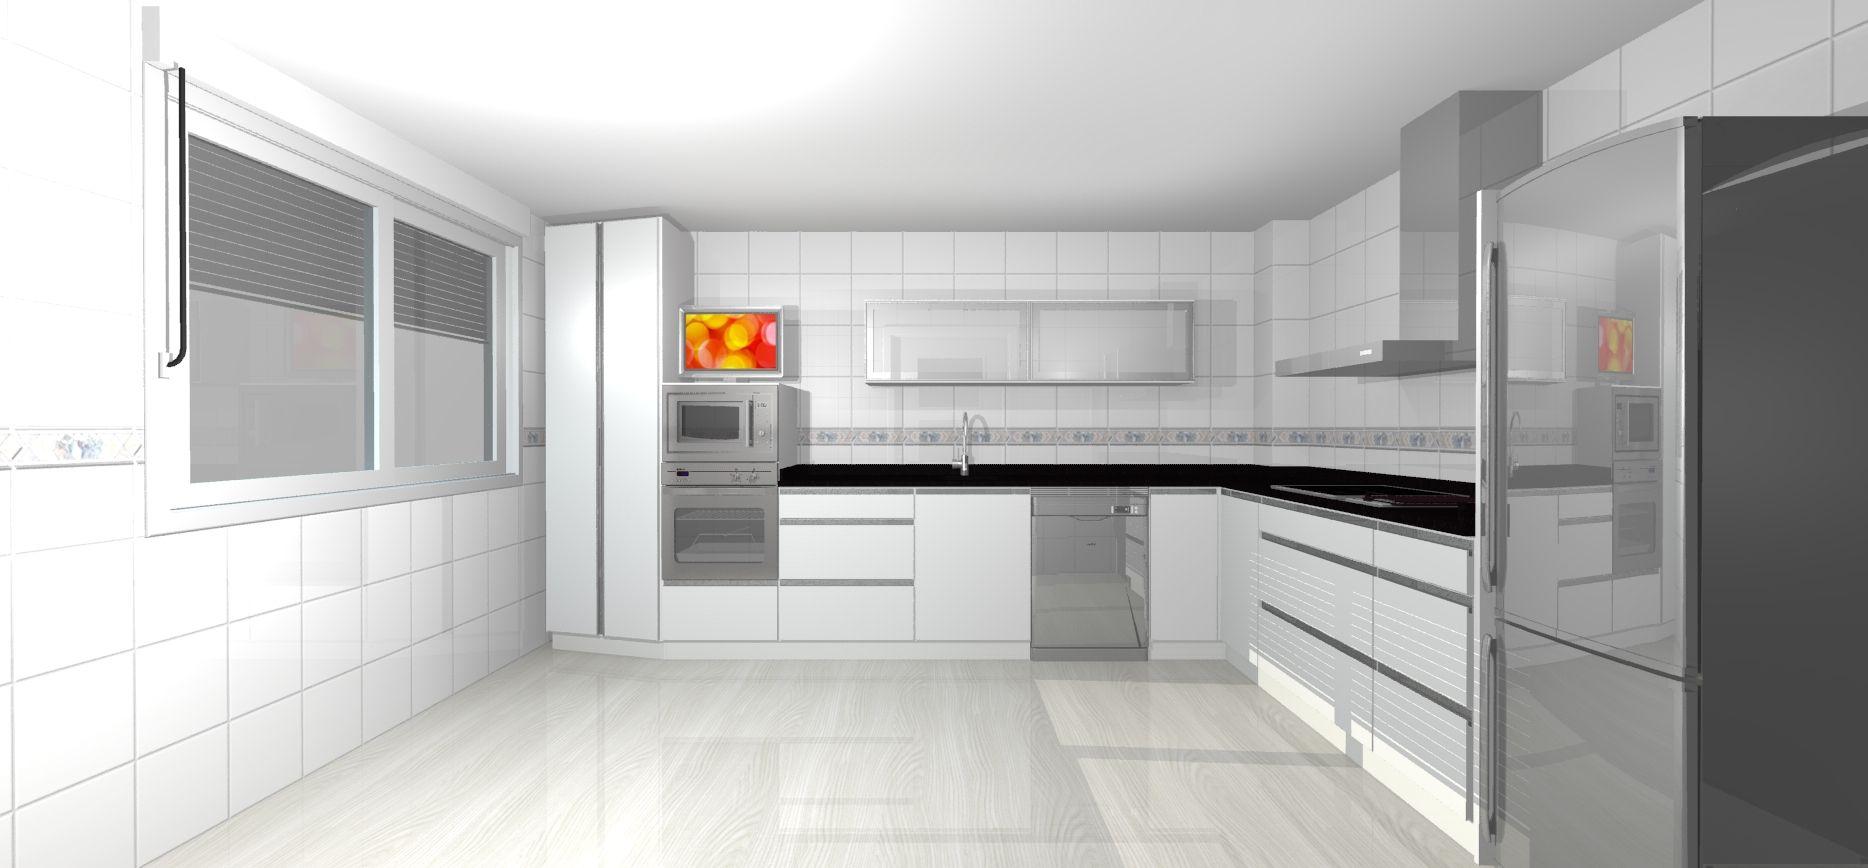 Muebles de Cocina: Productos de Dema - Deismar